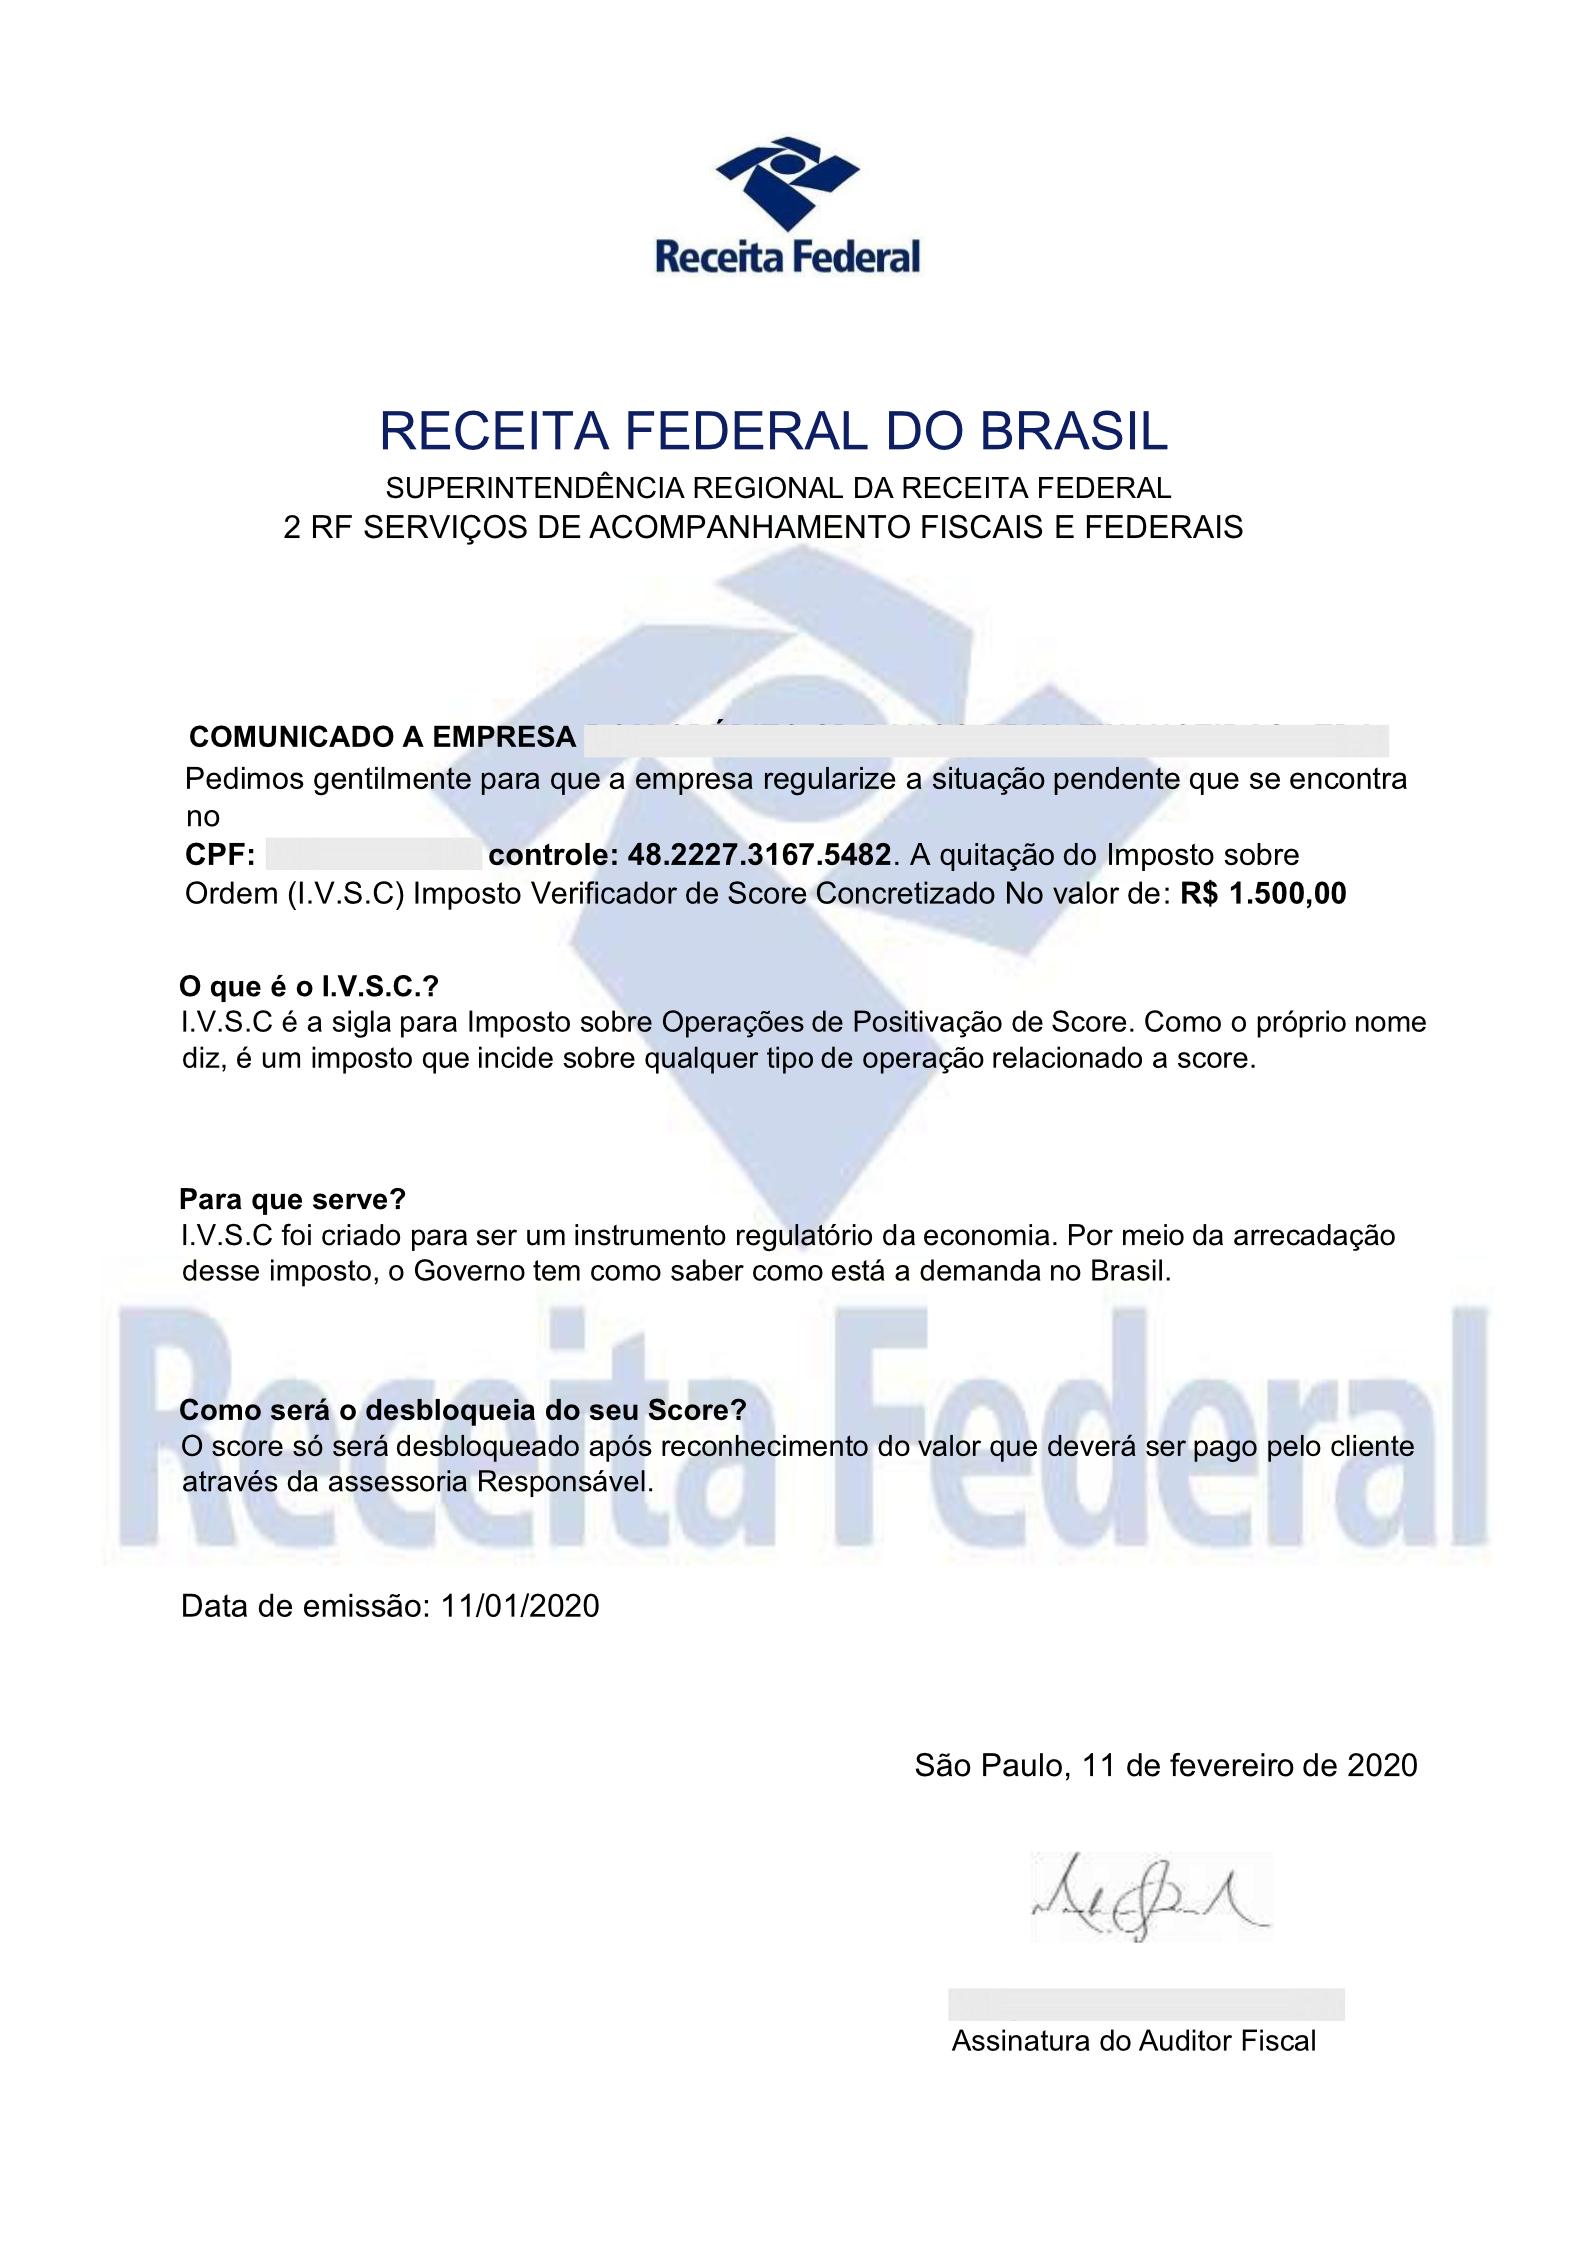 Comunicado falso da Receita Federal pede pagamento de Imposto sobre Operações de de Score